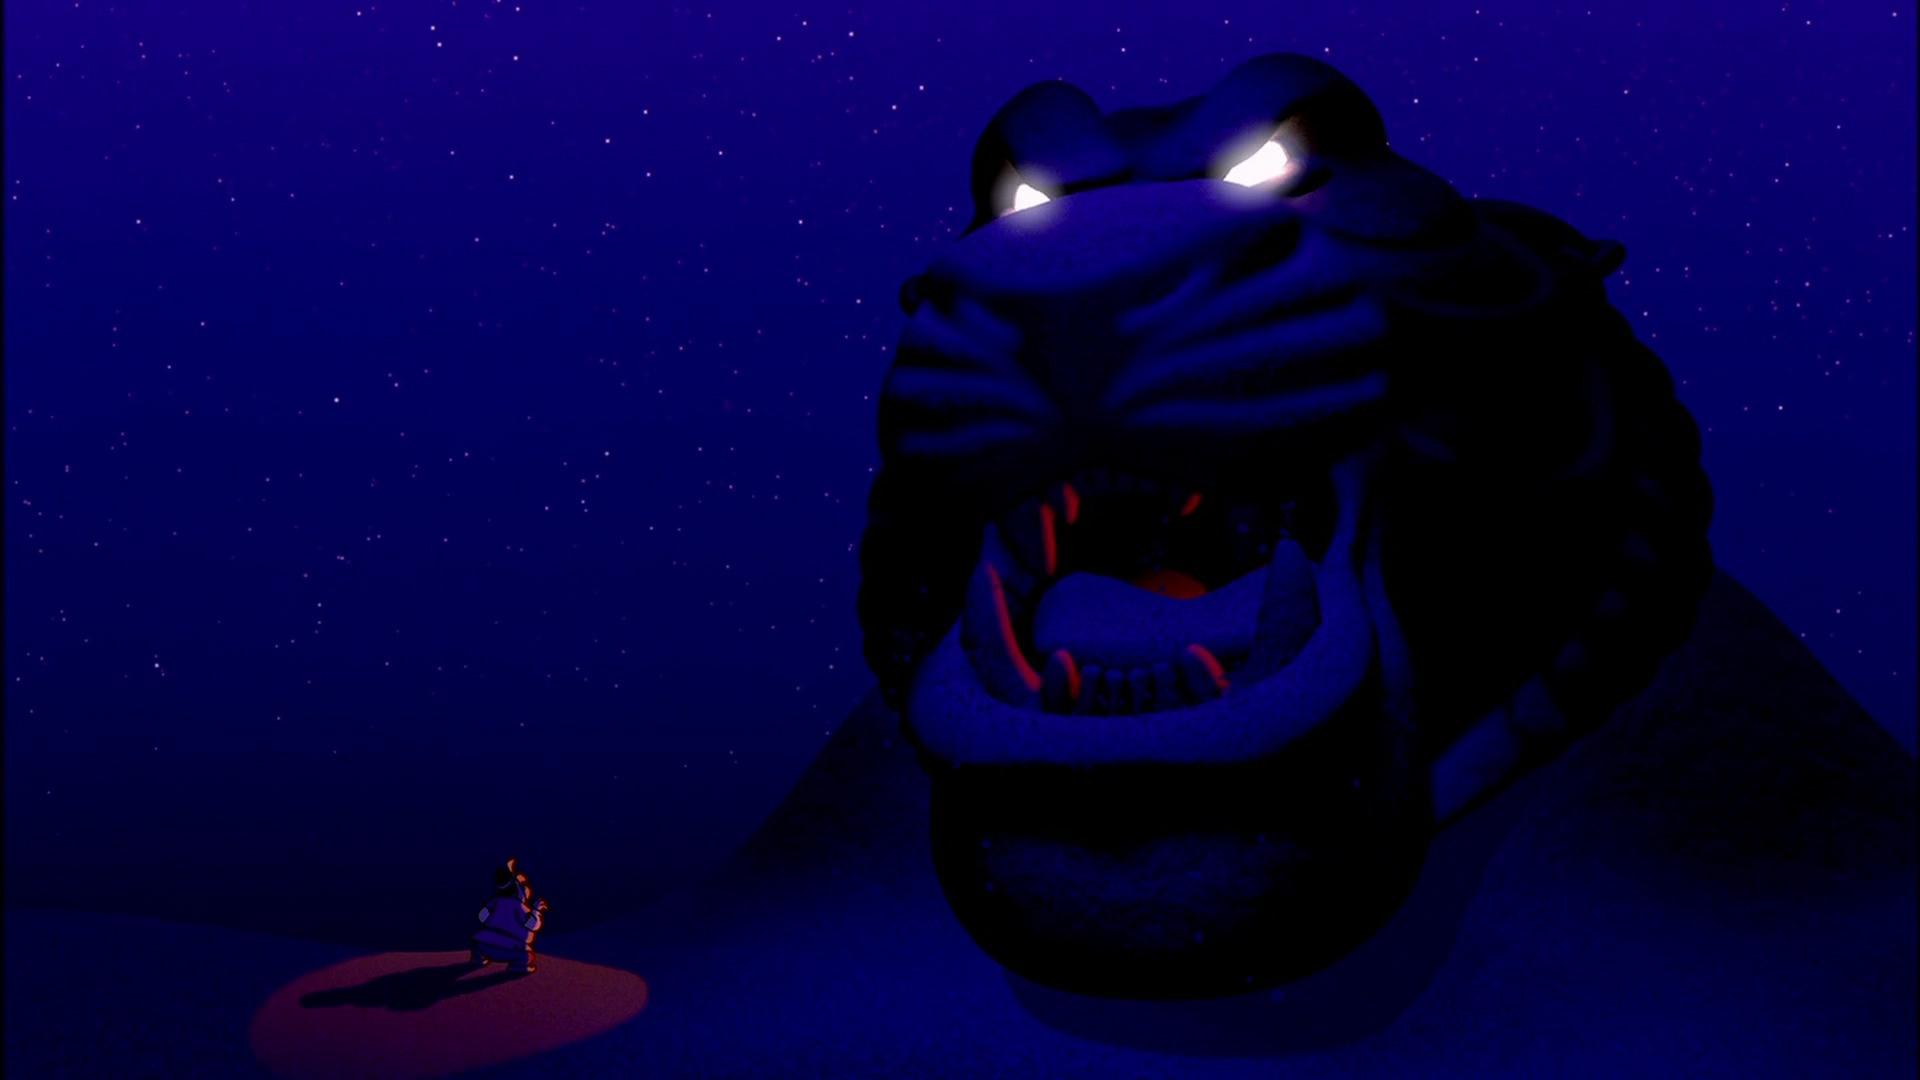 Cave of Wonders | Aladdin Wiki | FANDOM powered by Wikia for Genie Aladdin Quotes  166kxo